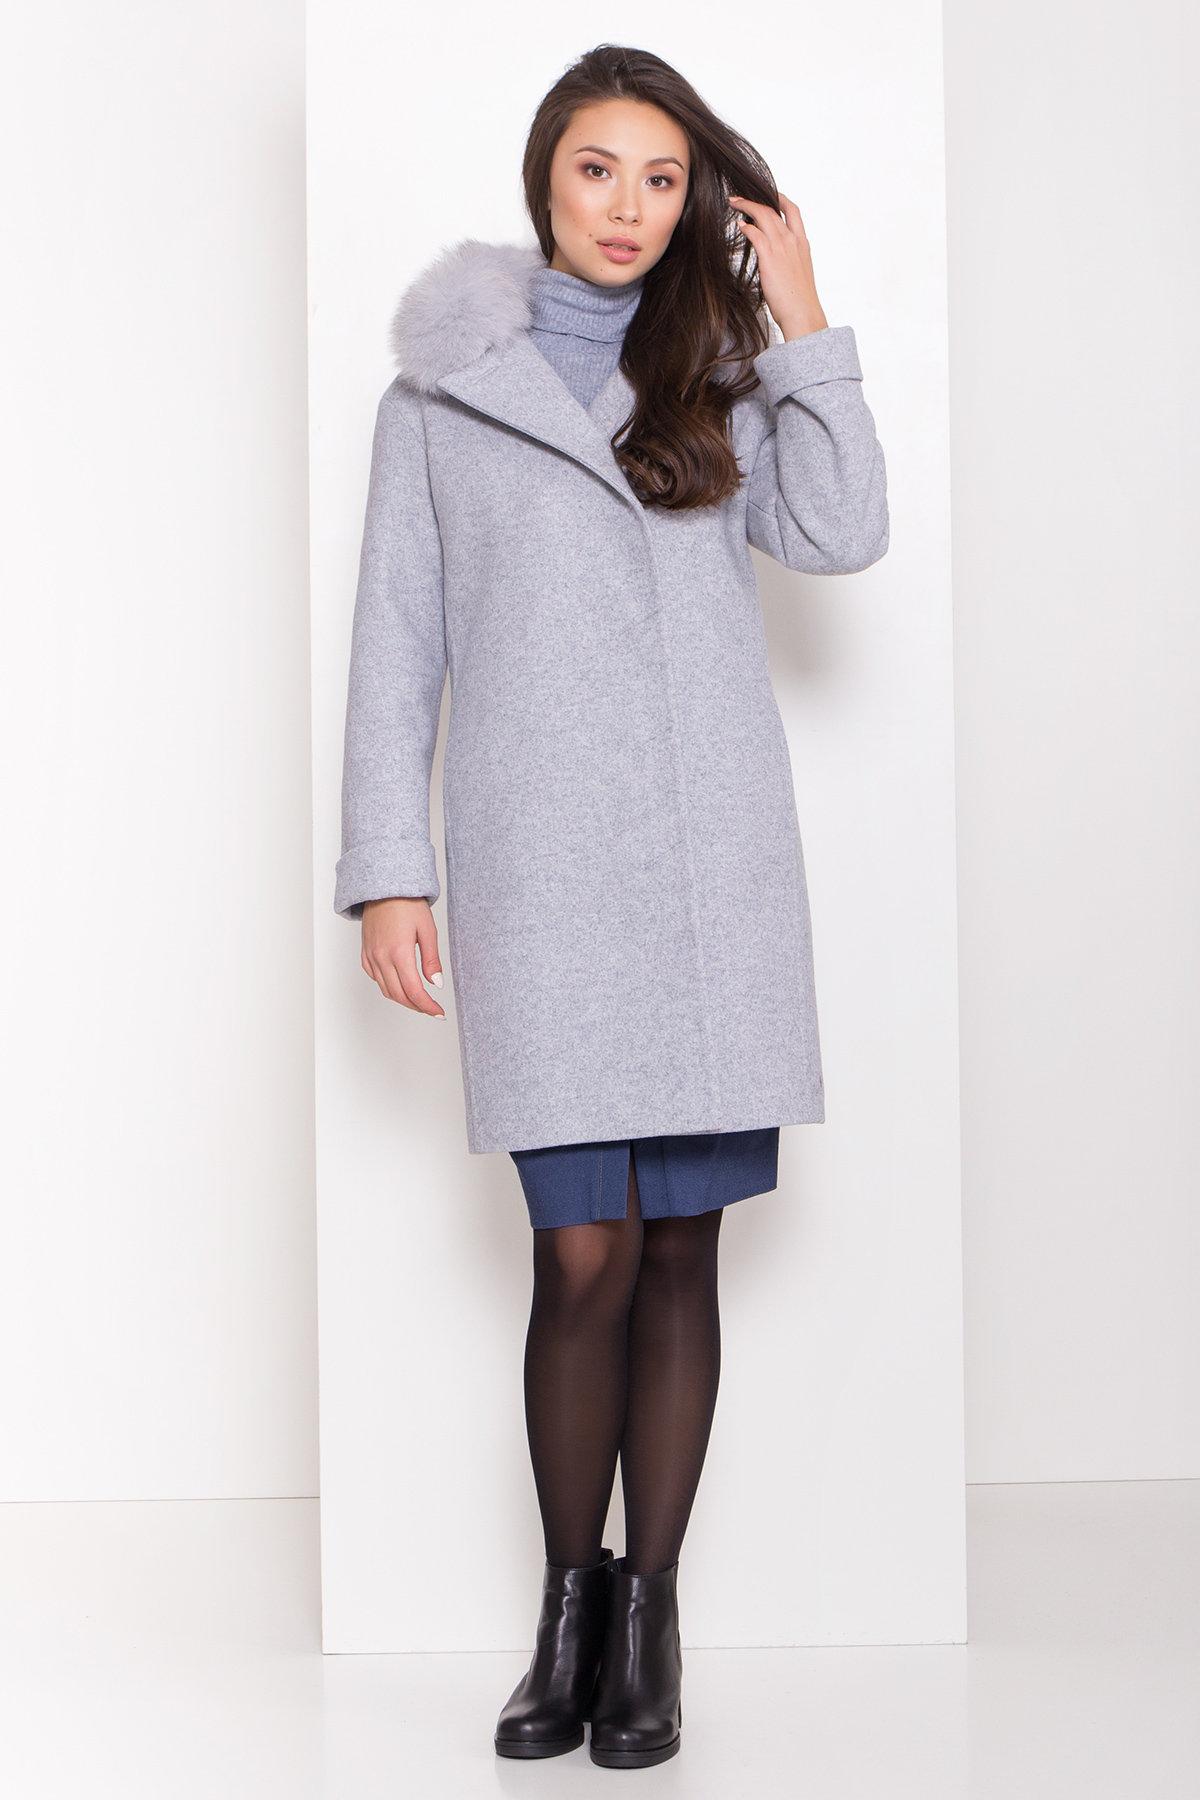 Полуприталенное зимнее пальто серых тонов Лизи 8170 АРТ. 44182 Цвет: Серый Светлый 33 - фото 1, интернет магазин tm-modus.ru